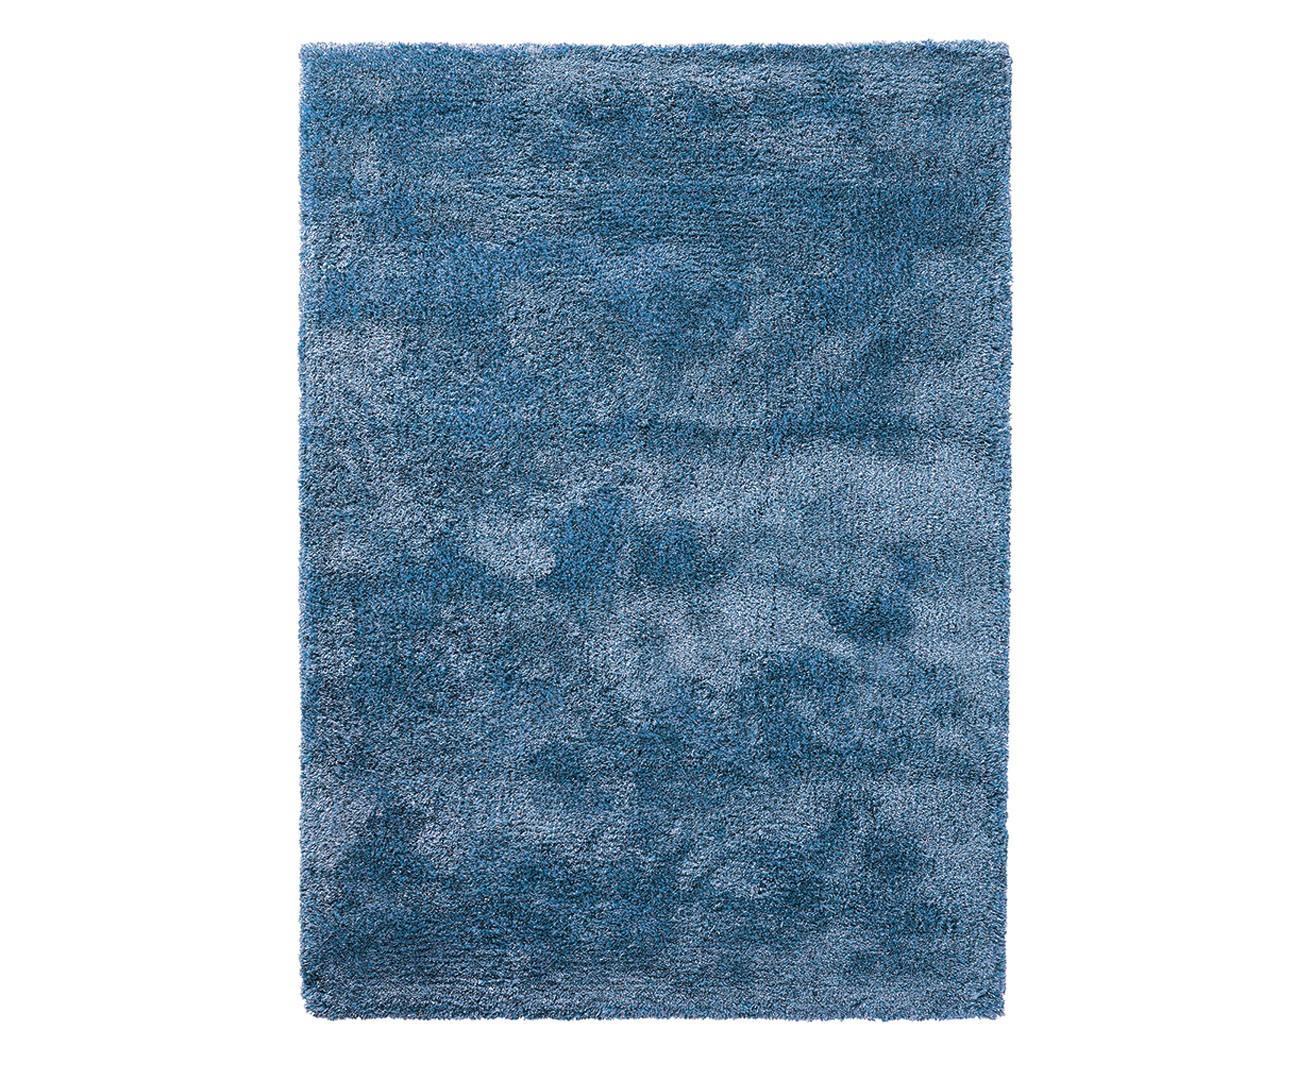 Tapis shaggy en polyester et laine bleu clair Wool Glamour par Esprit Home